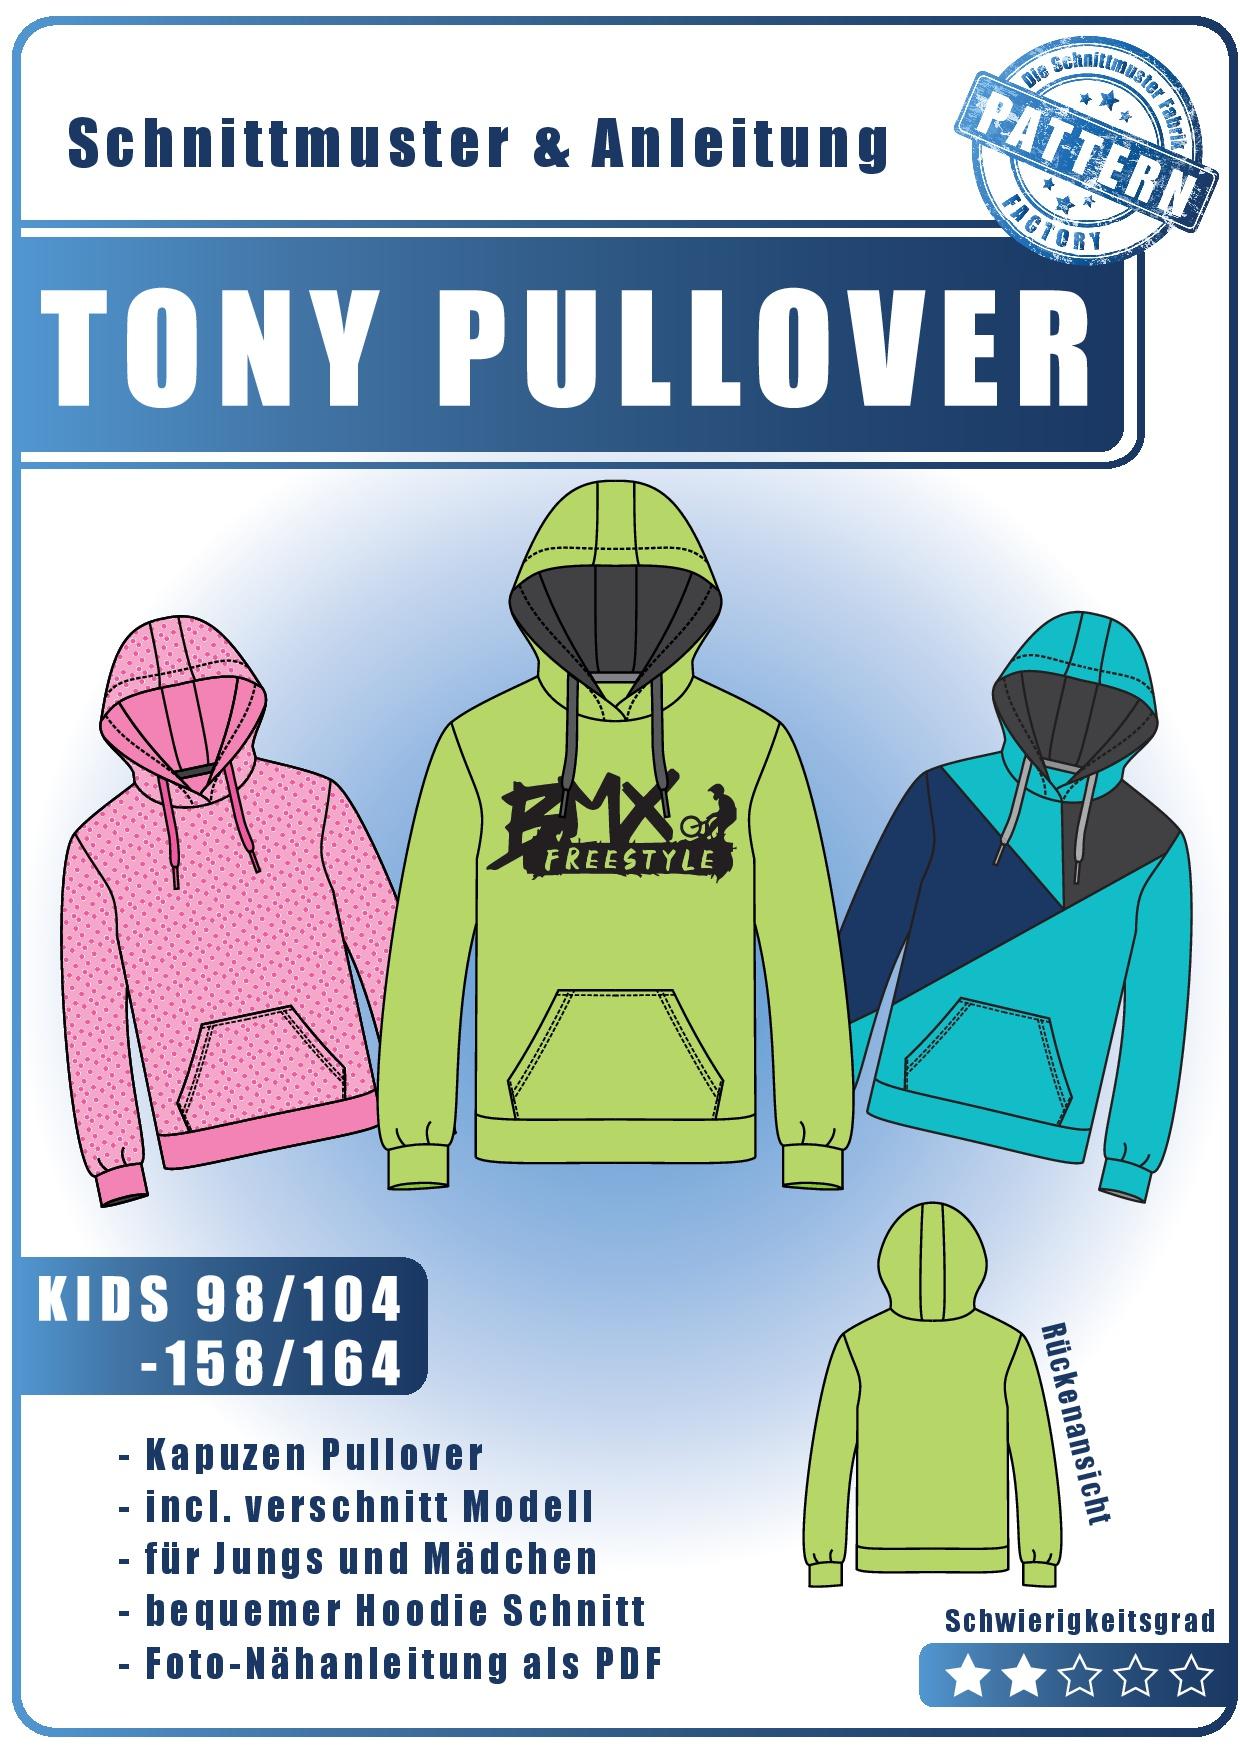 TONY Pullover